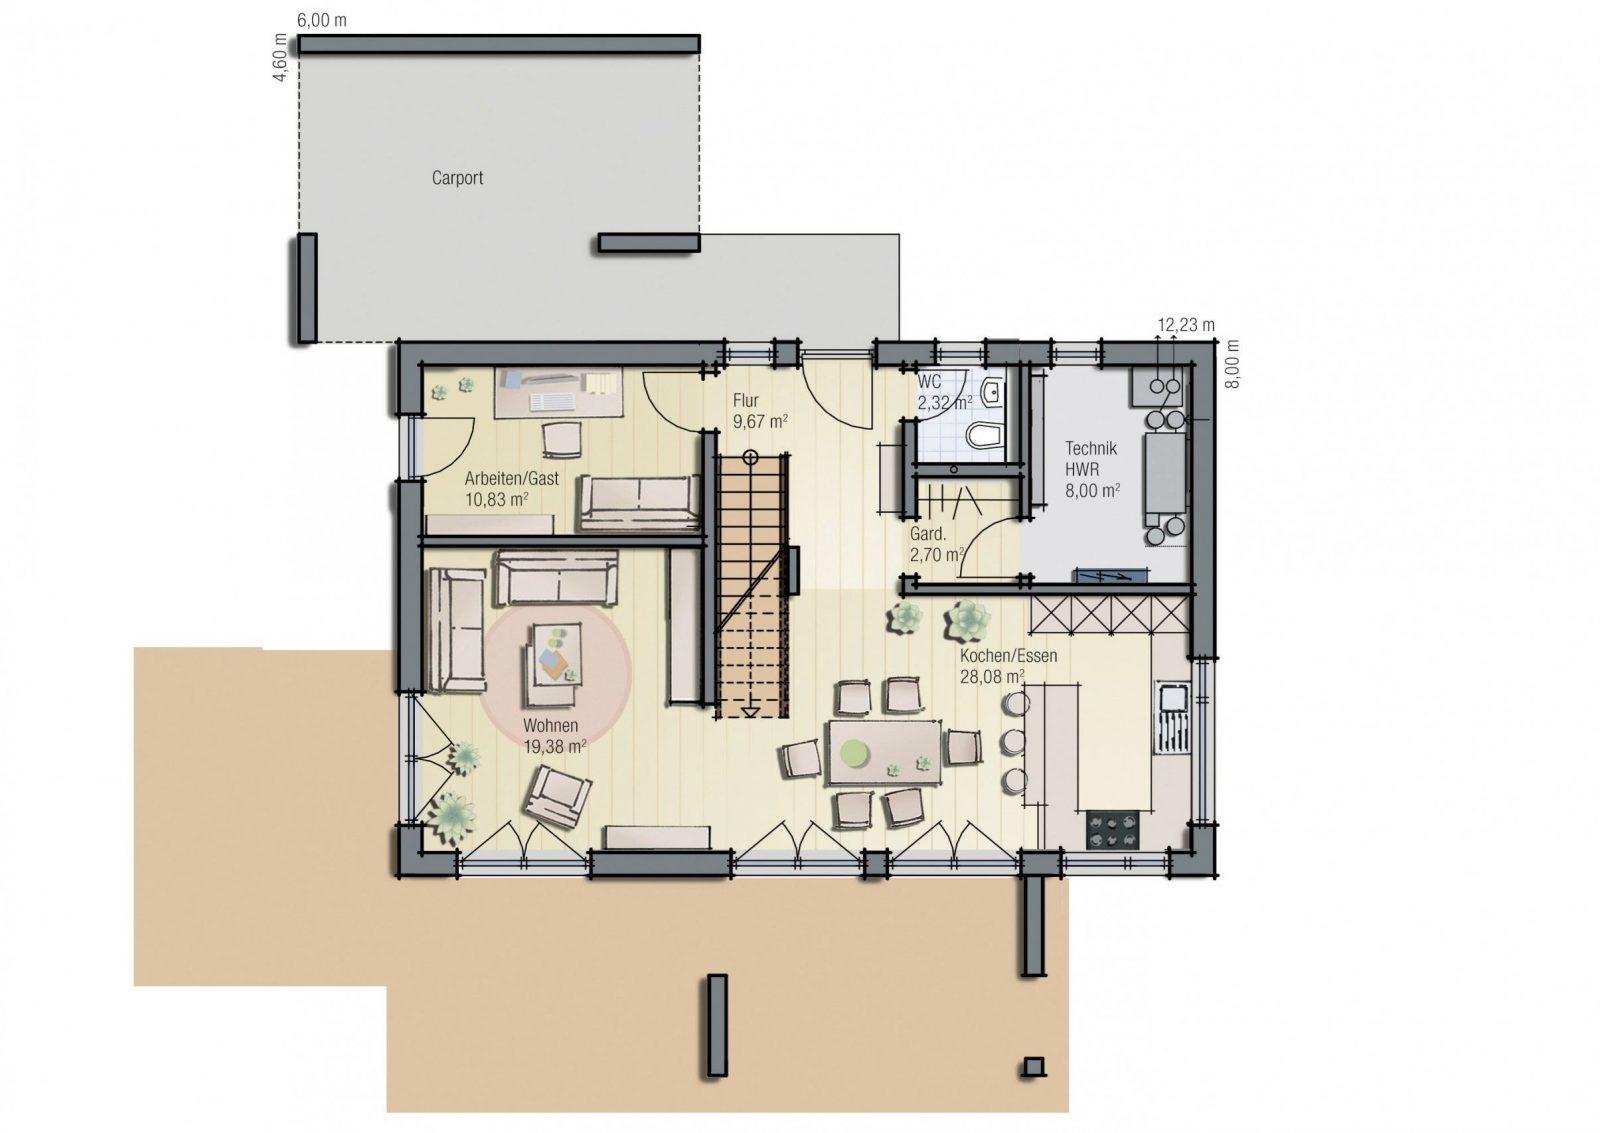 langes schmales haus grundriss von langes schmales haus grundriss bild haus design ideen. Black Bedroom Furniture Sets. Home Design Ideas